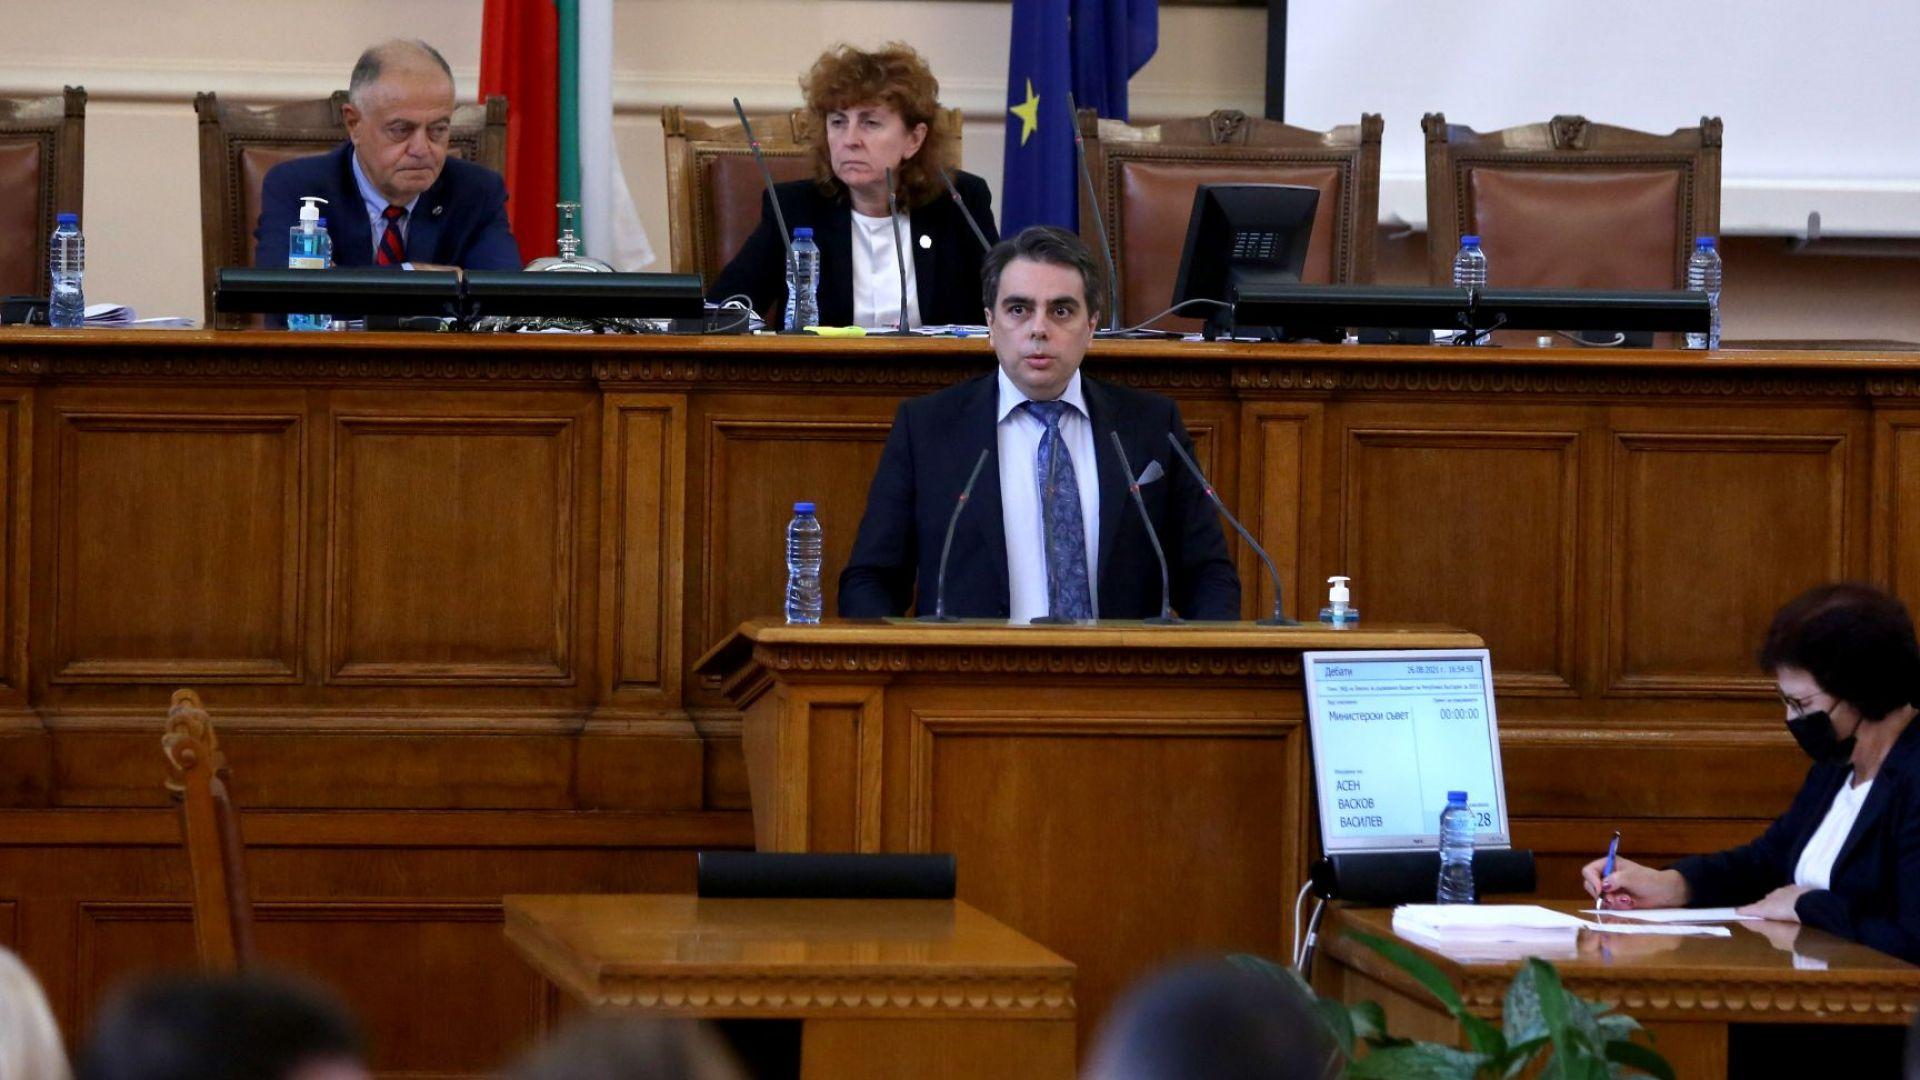 Актуализацията на бюджета мина със 130 гласа - въпреки ГЕРБ и 20 въздържали се от ДПС